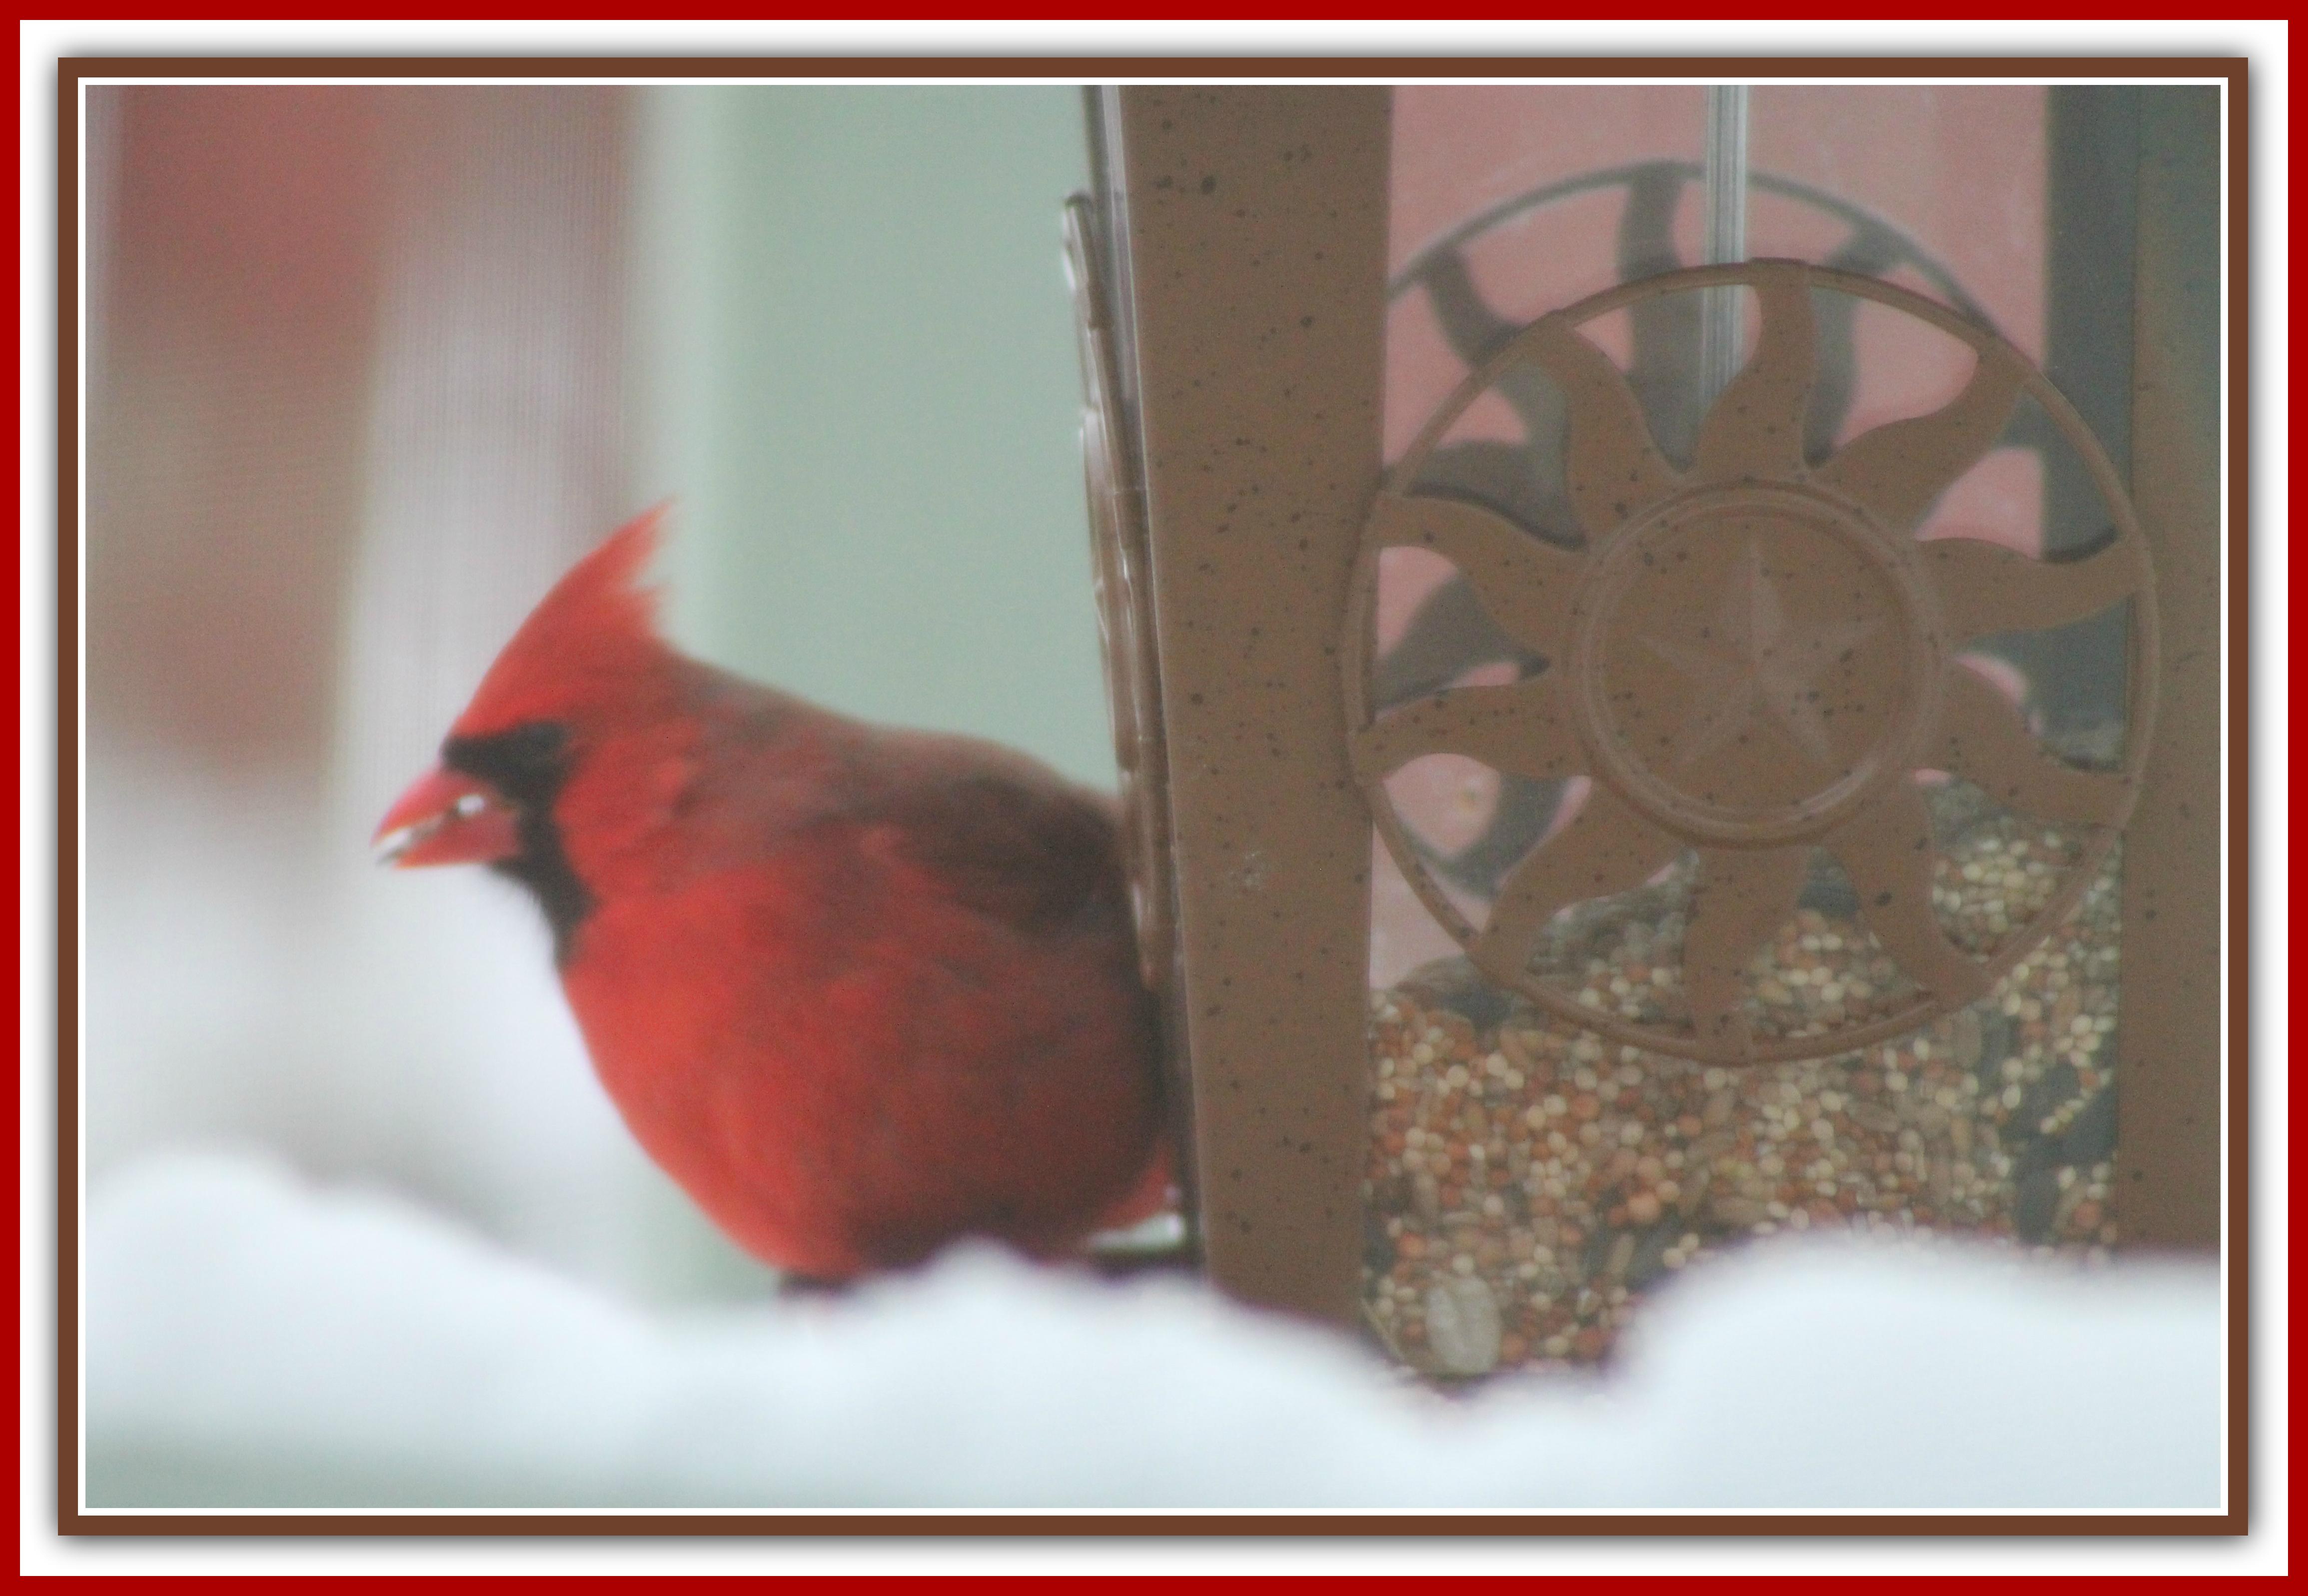 Hintergrundbilder : Natur, rot, Flügel, Gefieder, Rahmen, hell, Saat ...